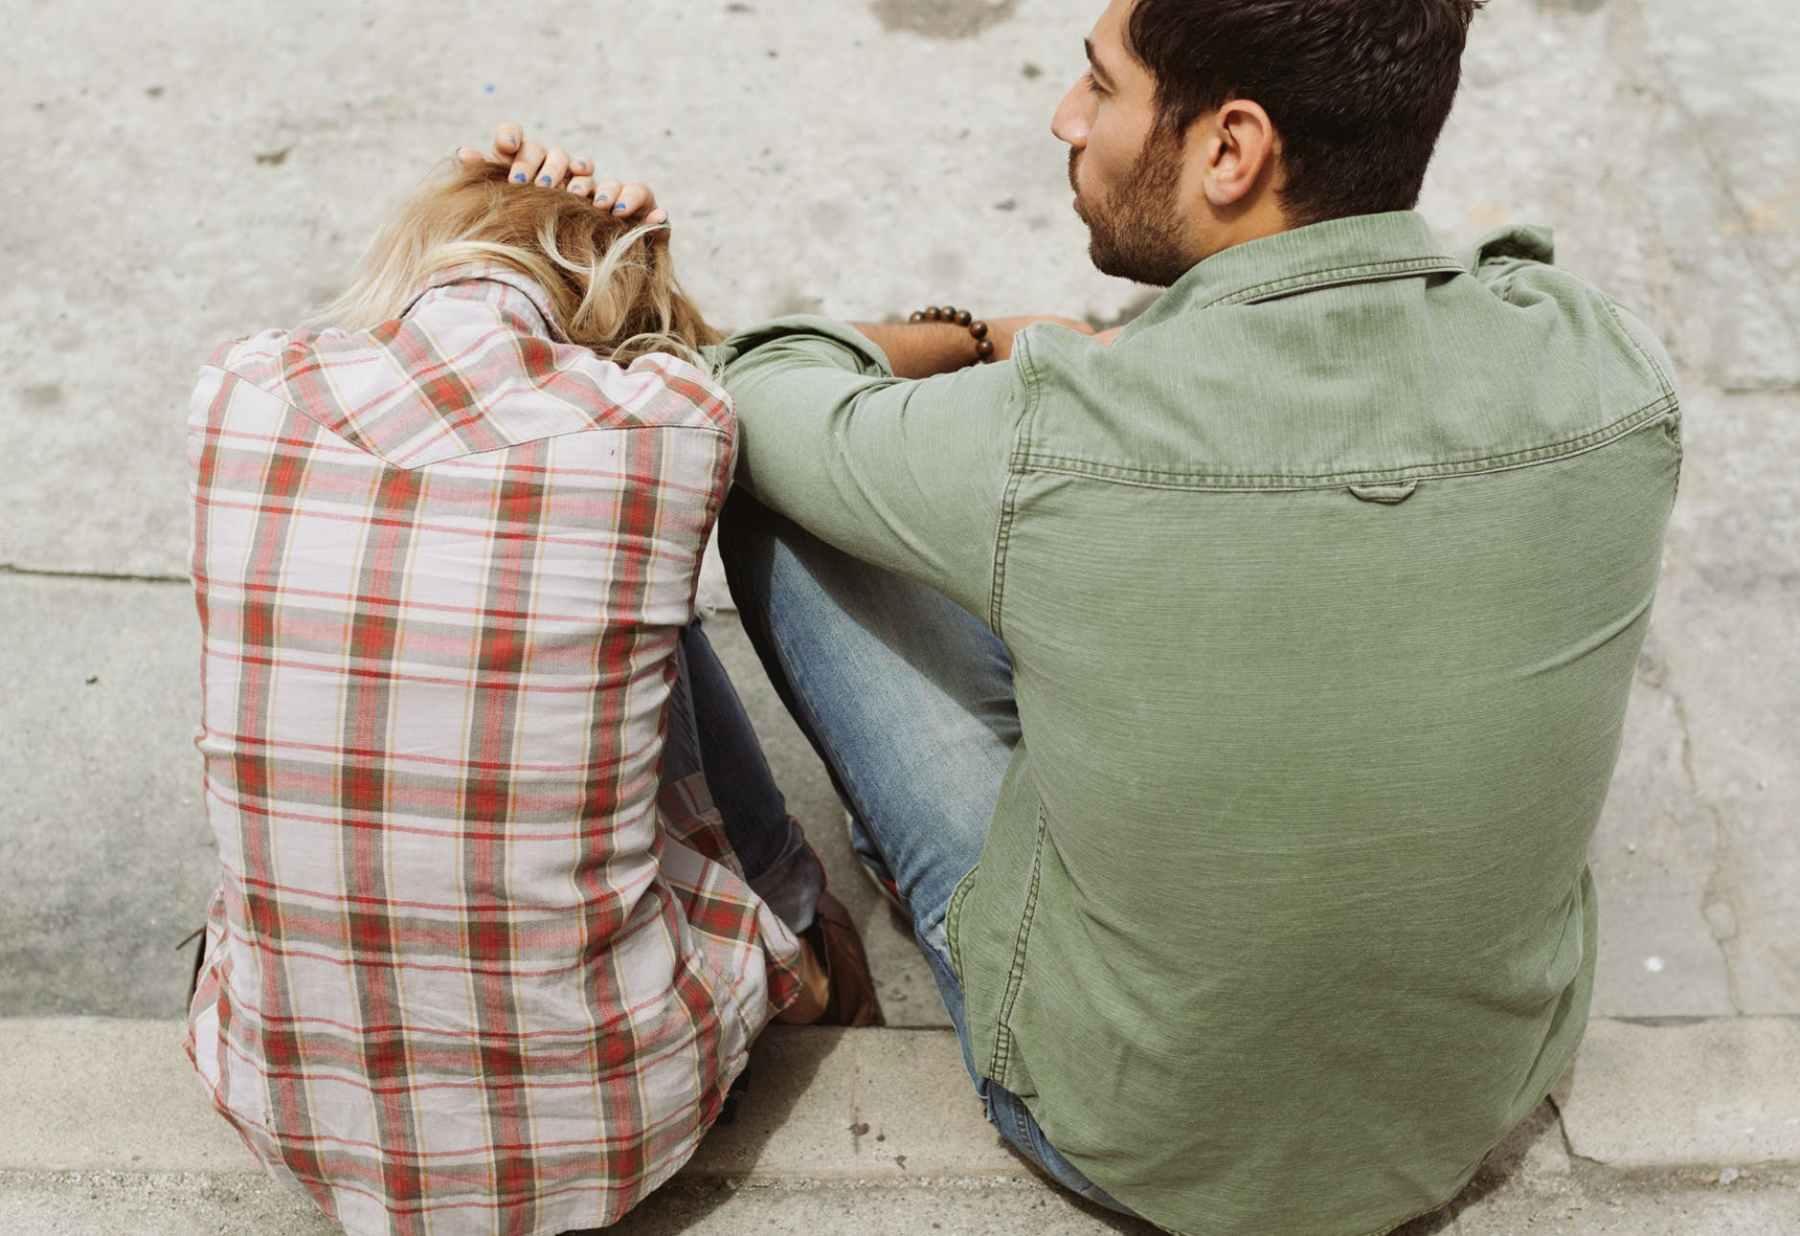 man and woman sitting on sidewalk